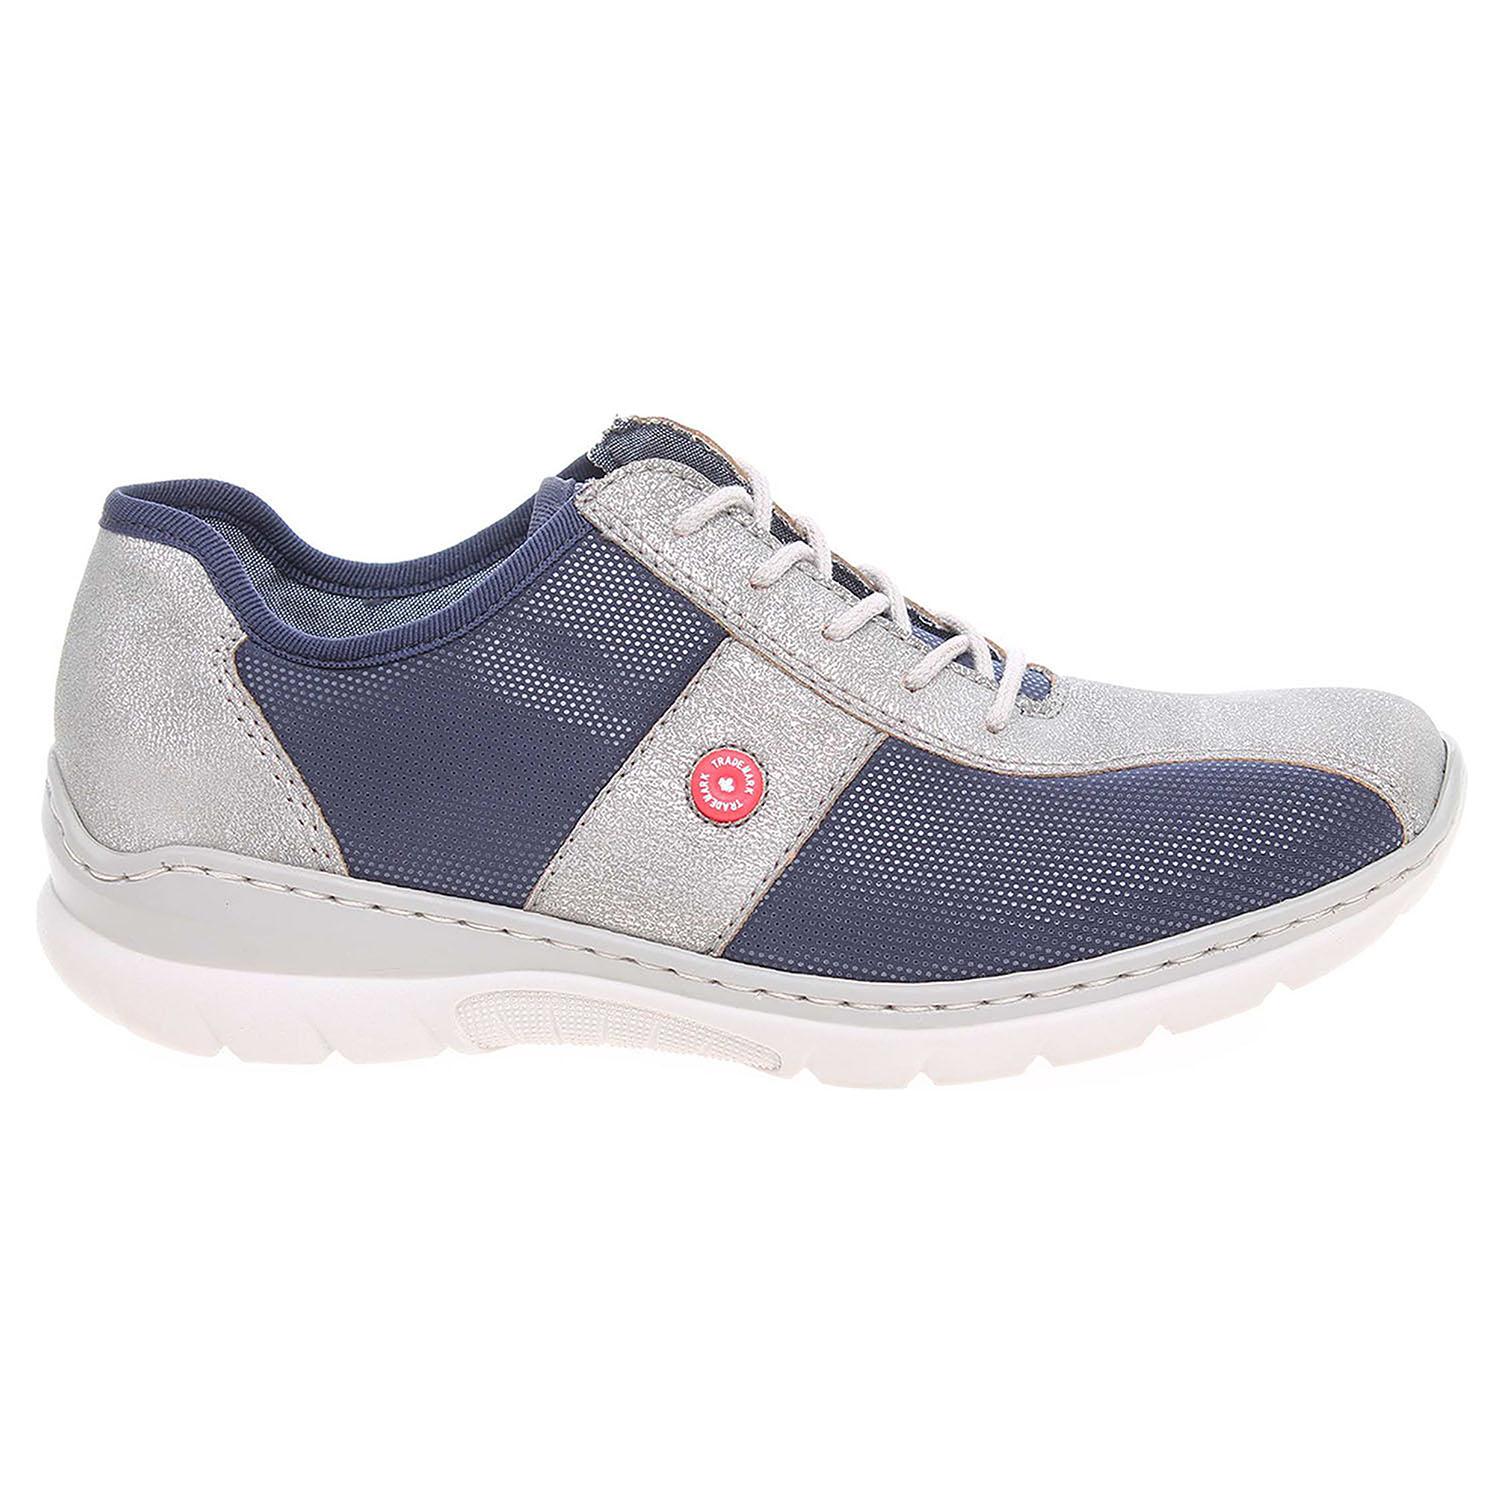 Ecco Rieker dámská obuv L3218-40 modrá-šedá 23200607